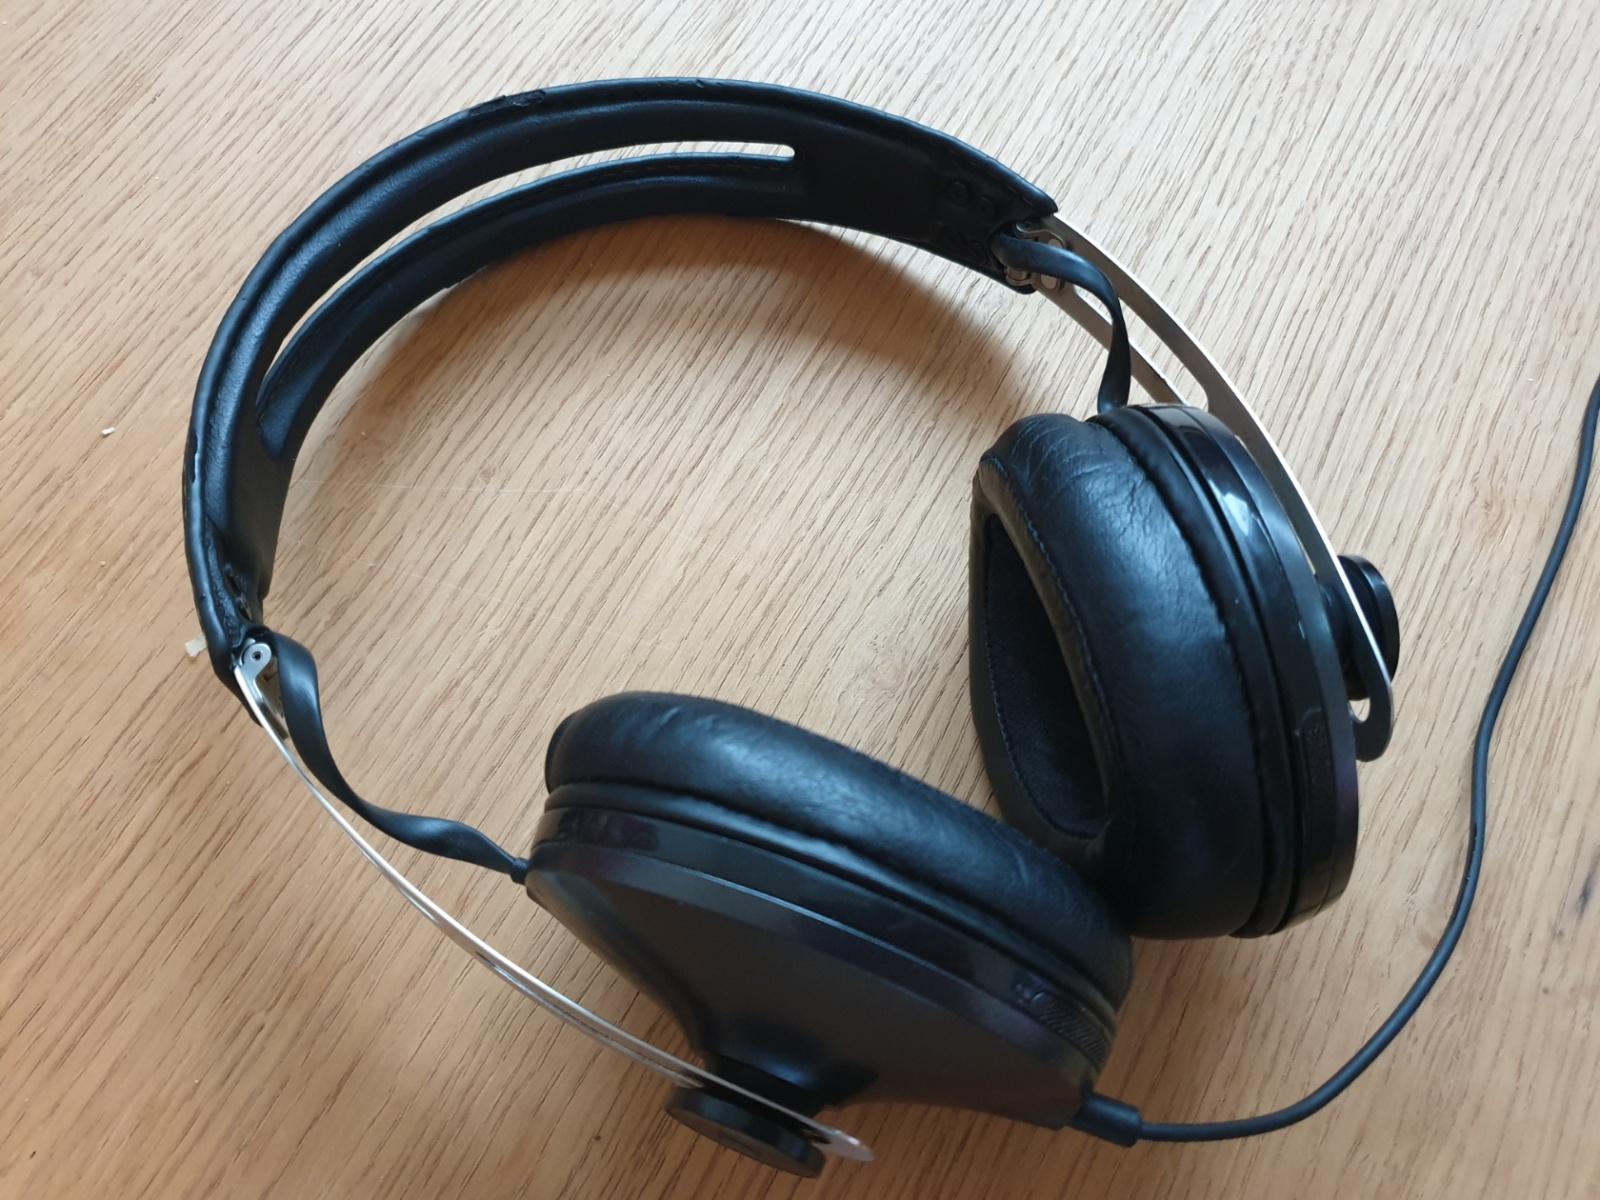 Sennheiser Momentum 2 Wireless: когда-то были беспроводными, но электроника сдохла после 3 лет использования.